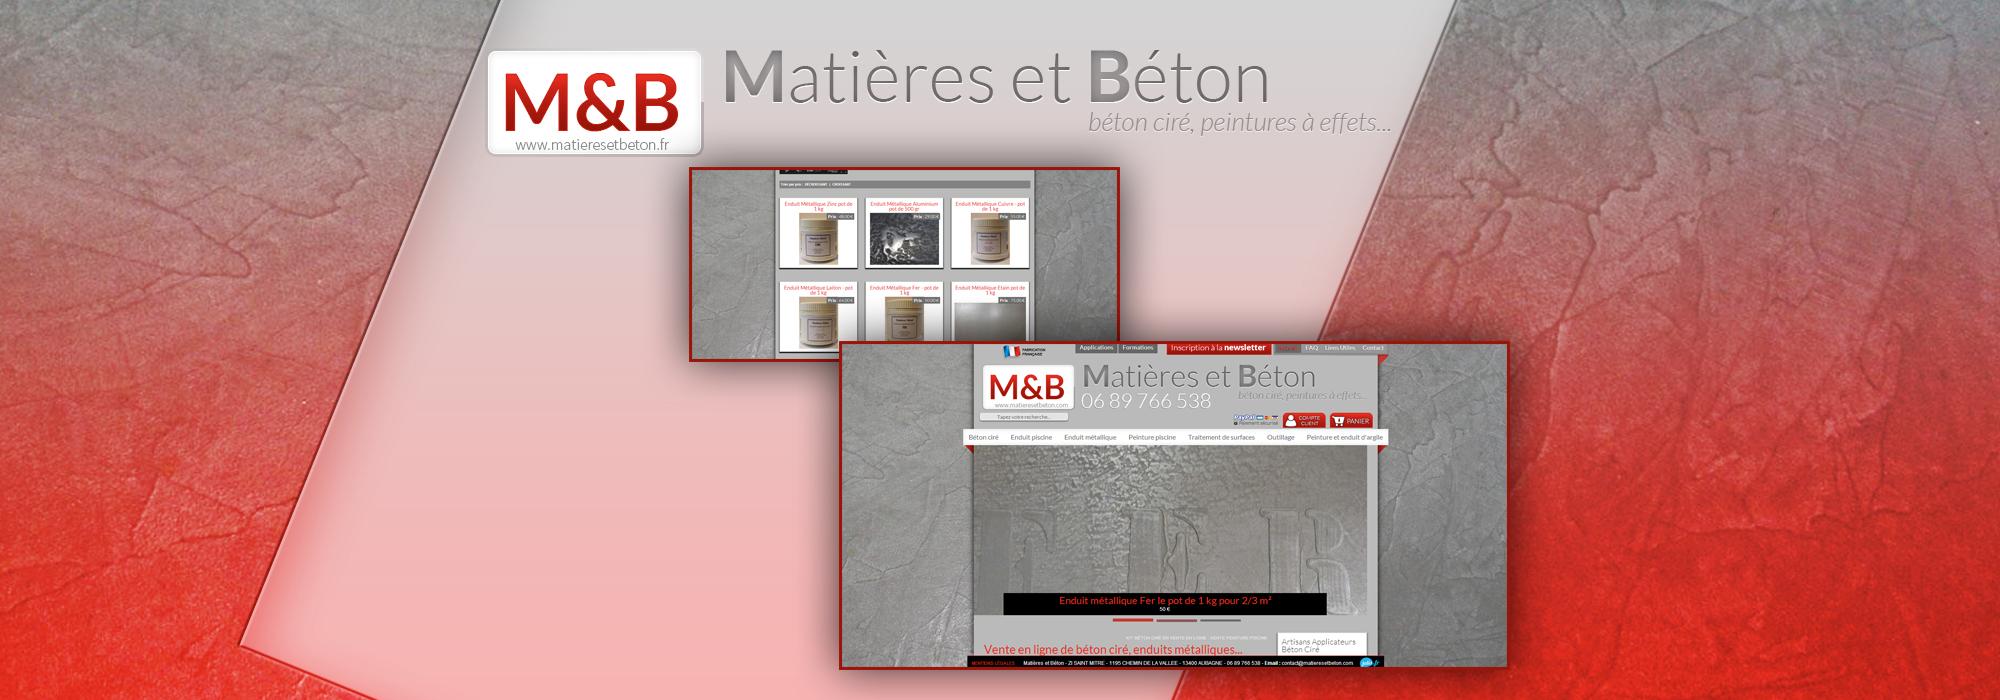 Boutique en ligne de matériel pour le béton ciré - Matières et Béton